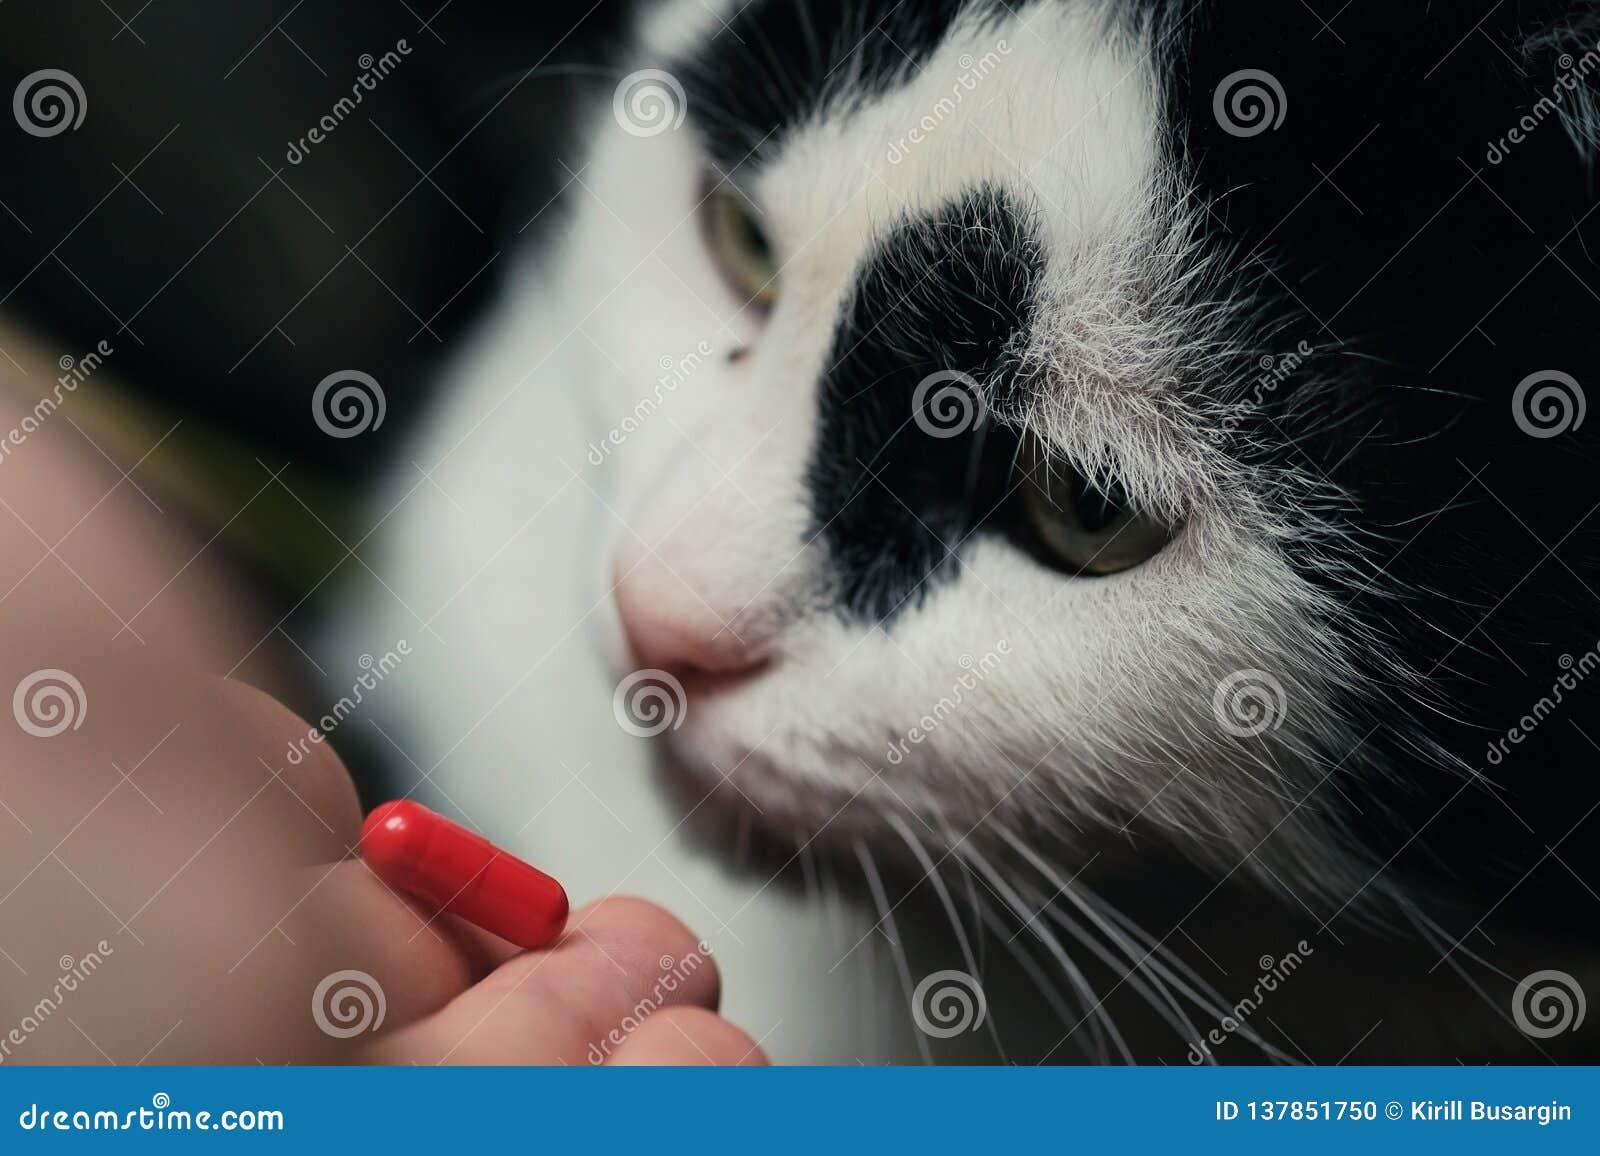 Кот получает дозу медицины от ветеринара Обрабатывают рыжеволосый милый умный кот с таблетками после